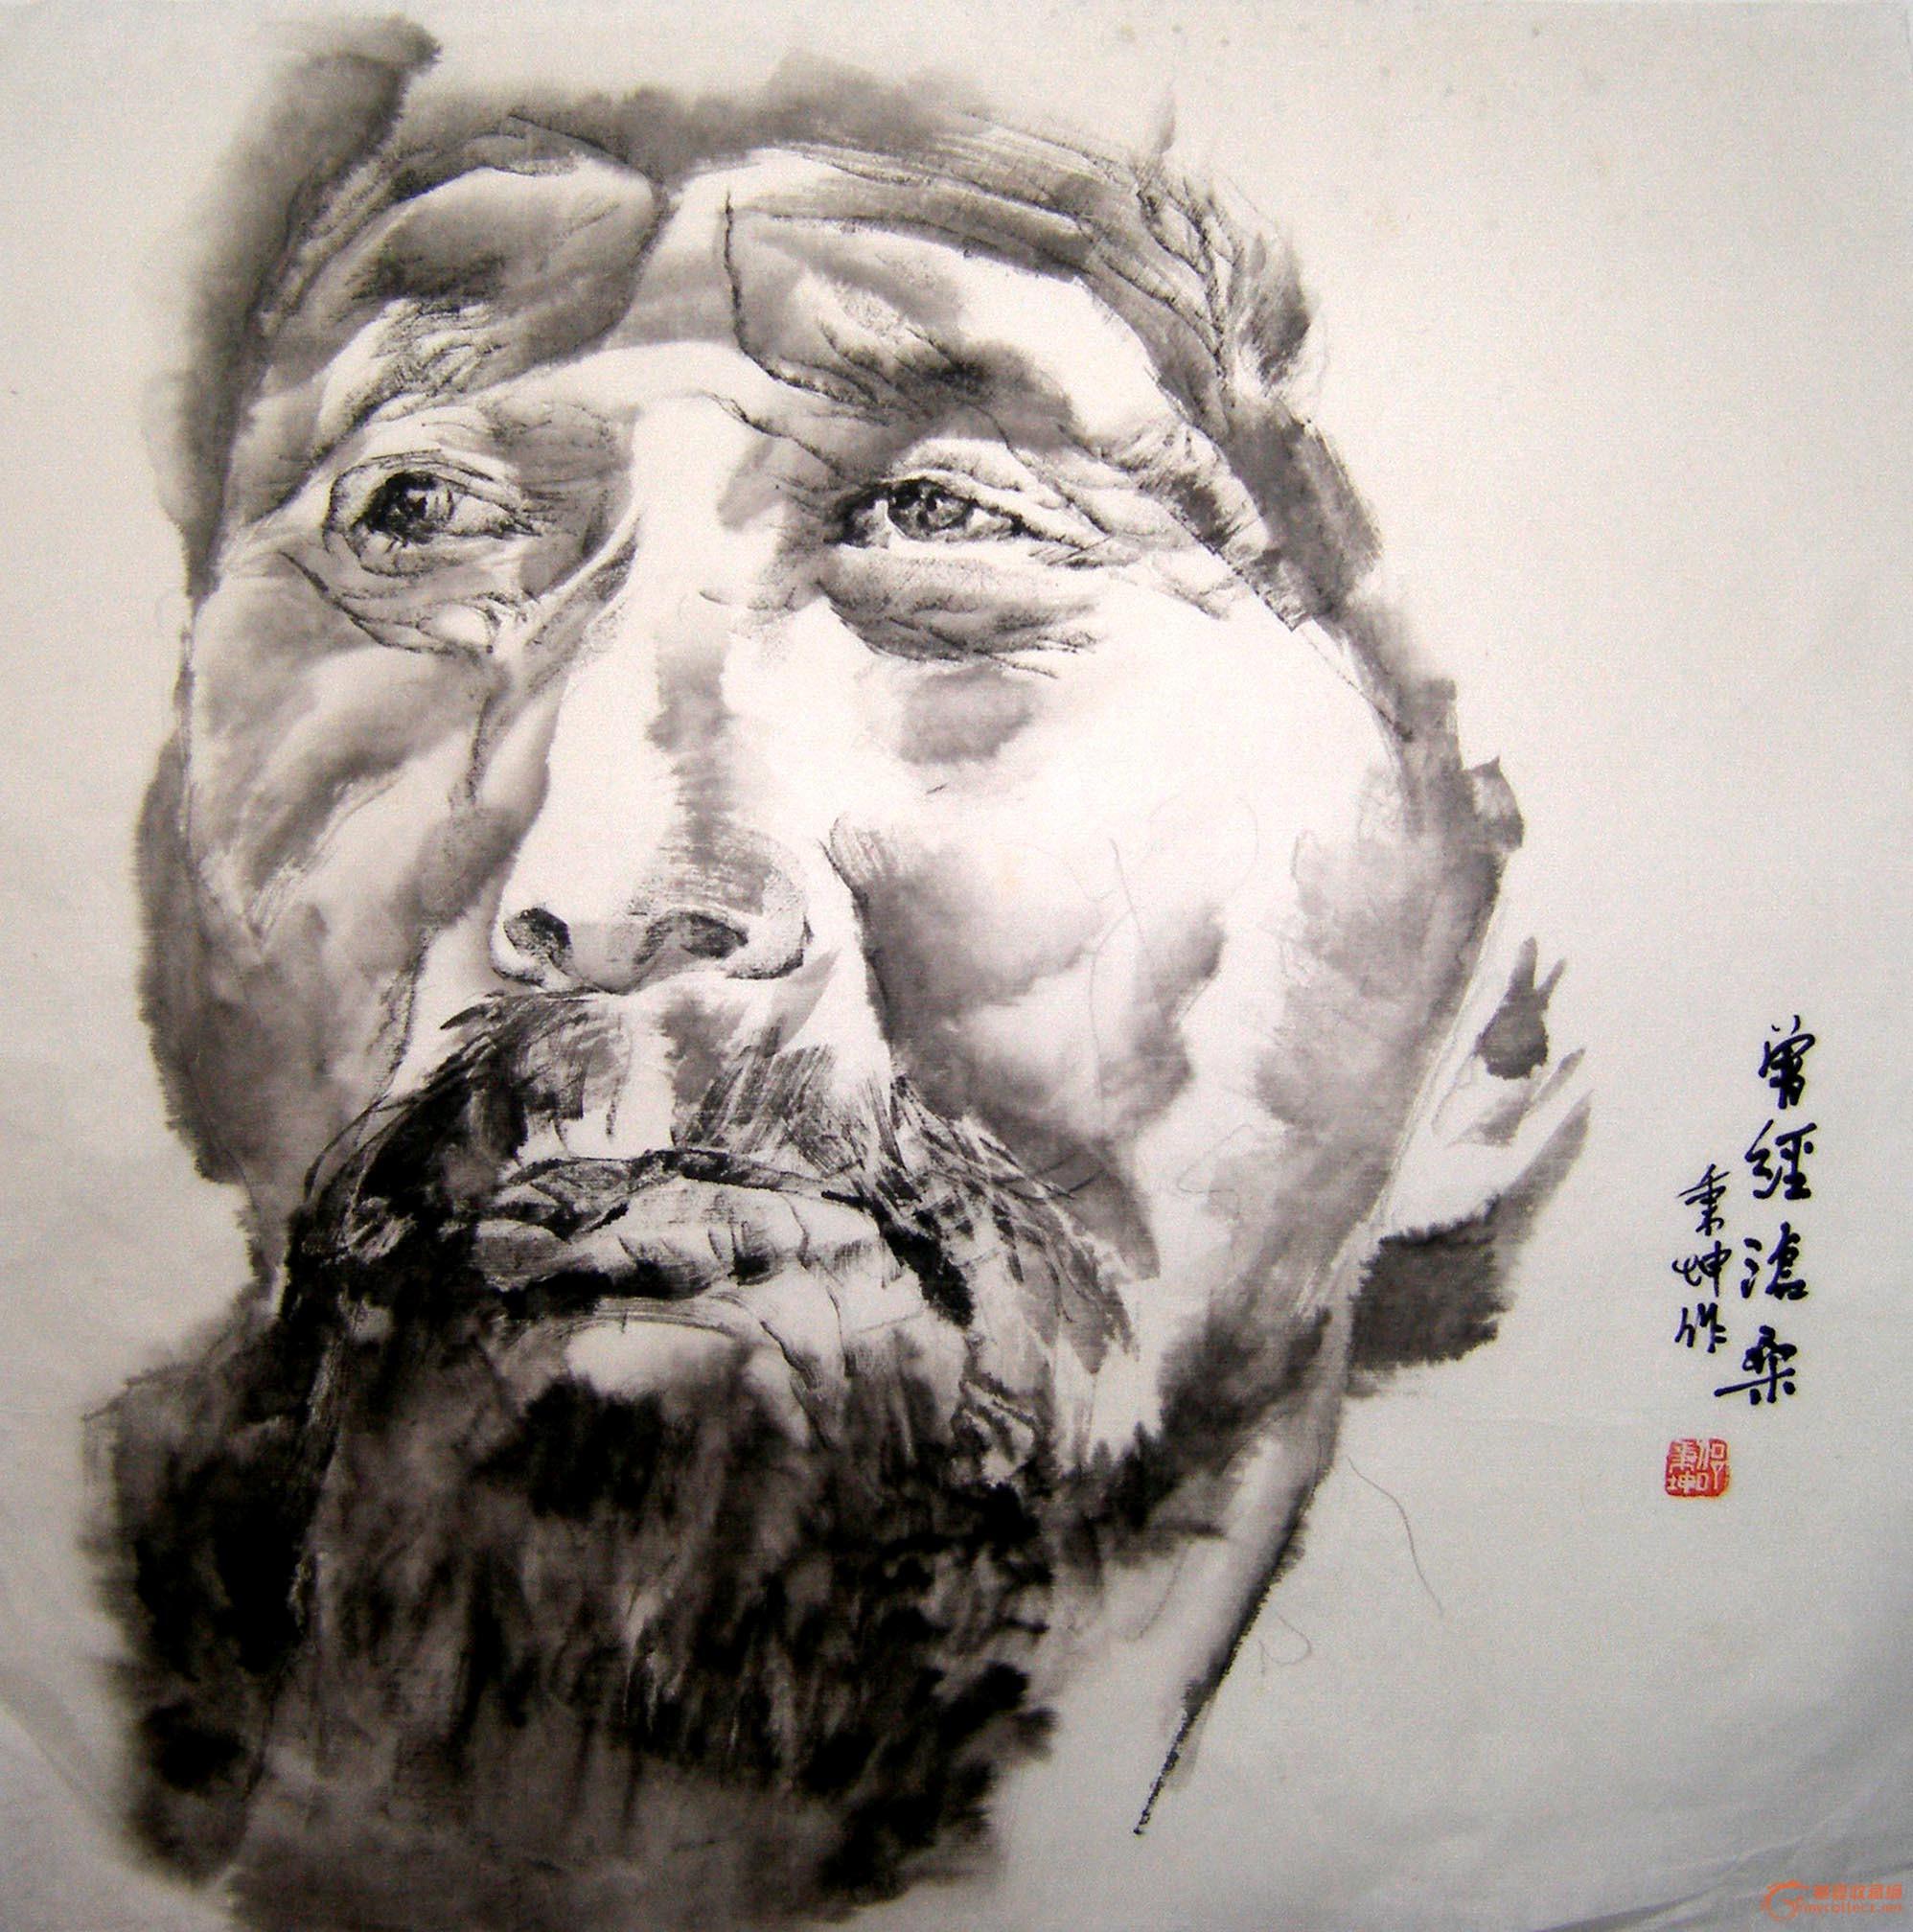 邵秉坤水墨肖像人物画展在杭举办 新闻标题:邵秉坤水墨肖像人物画展在